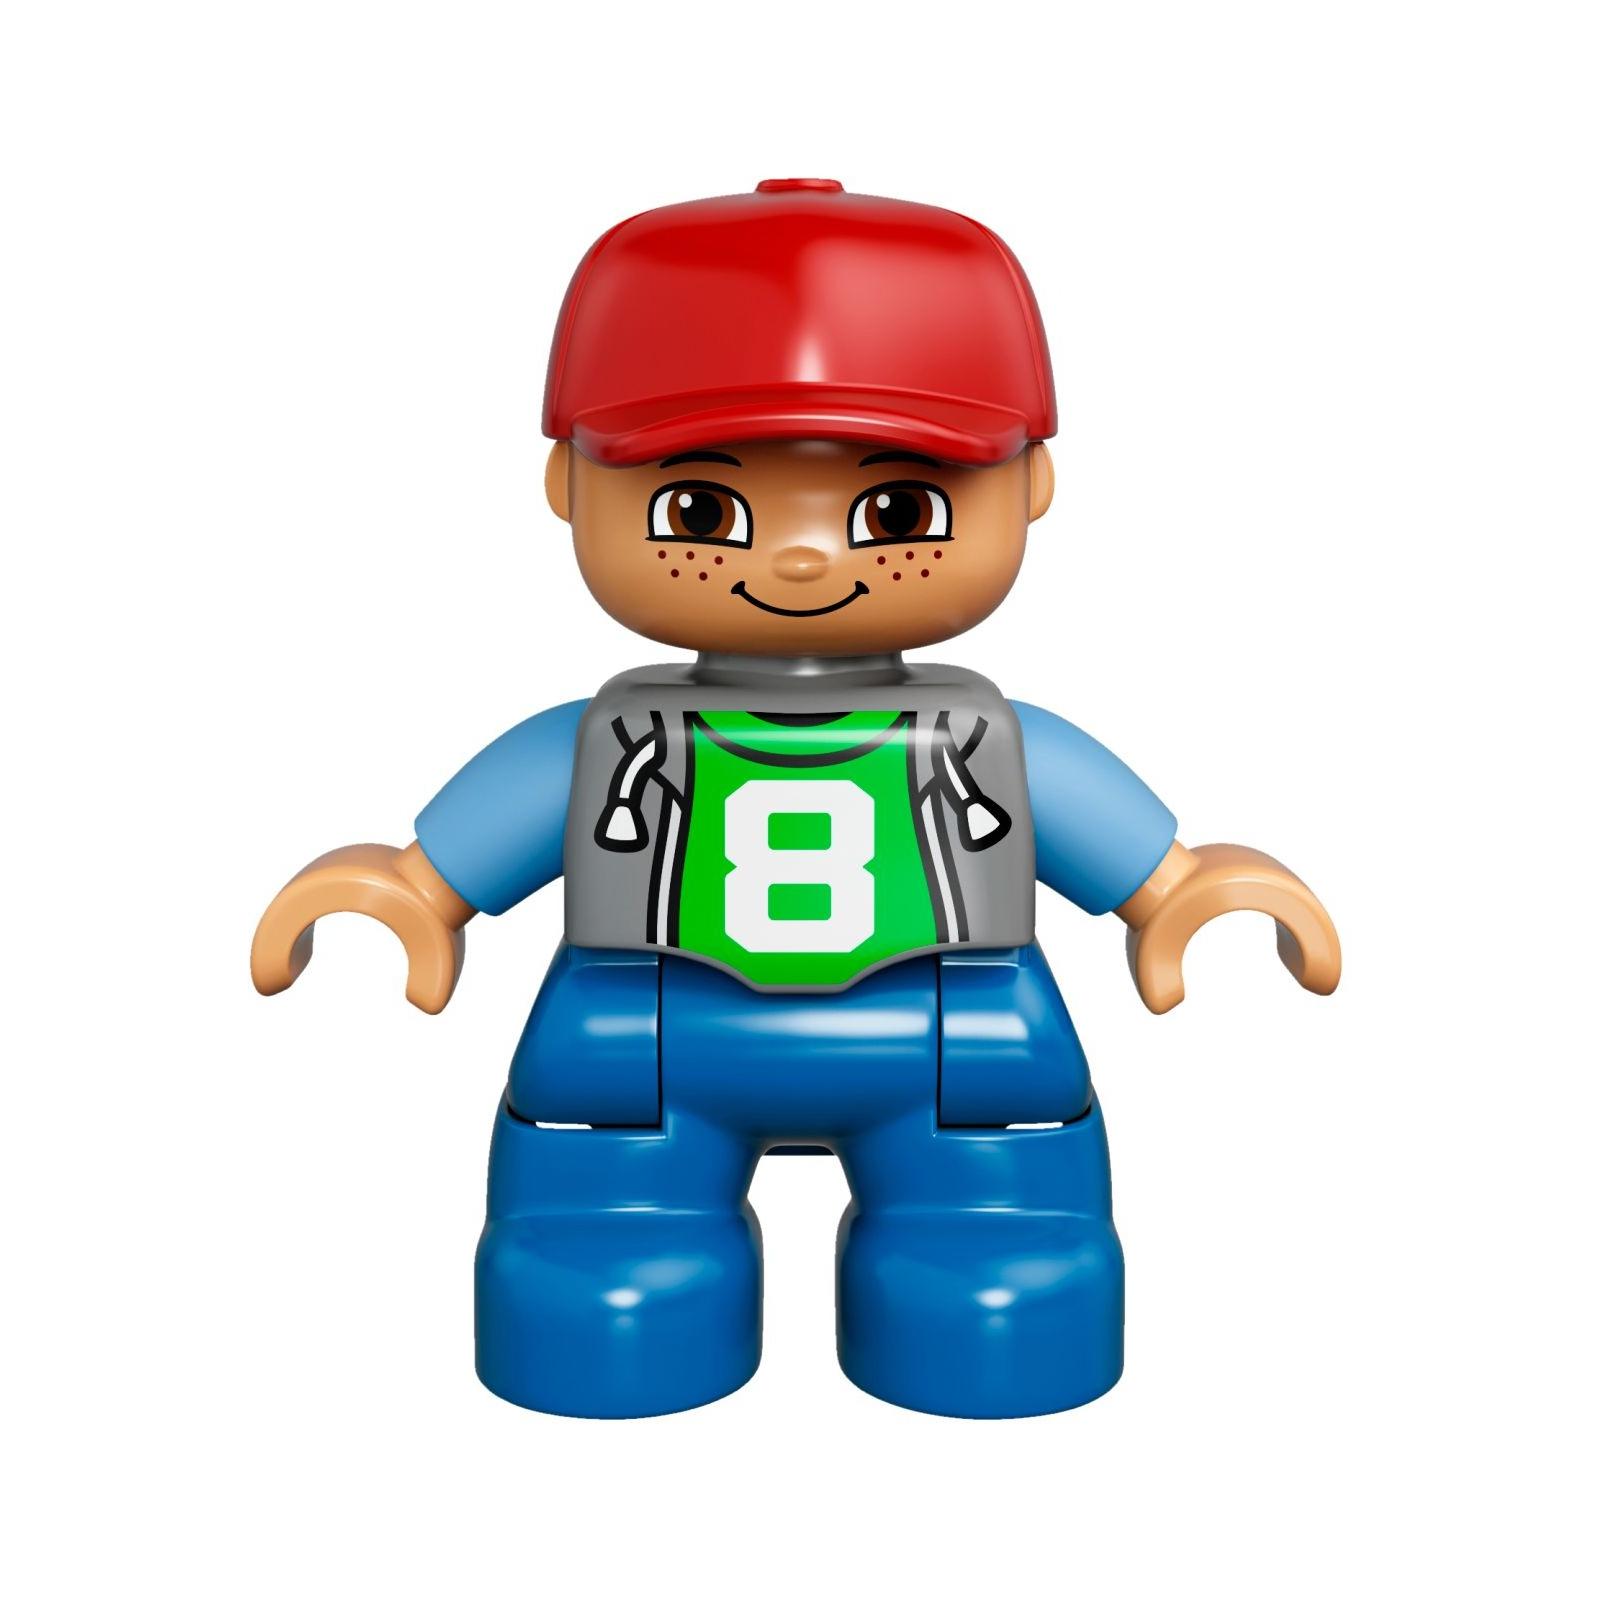 Конструктор LEGO Duplo Town Вокруг света (10805) изображение 12